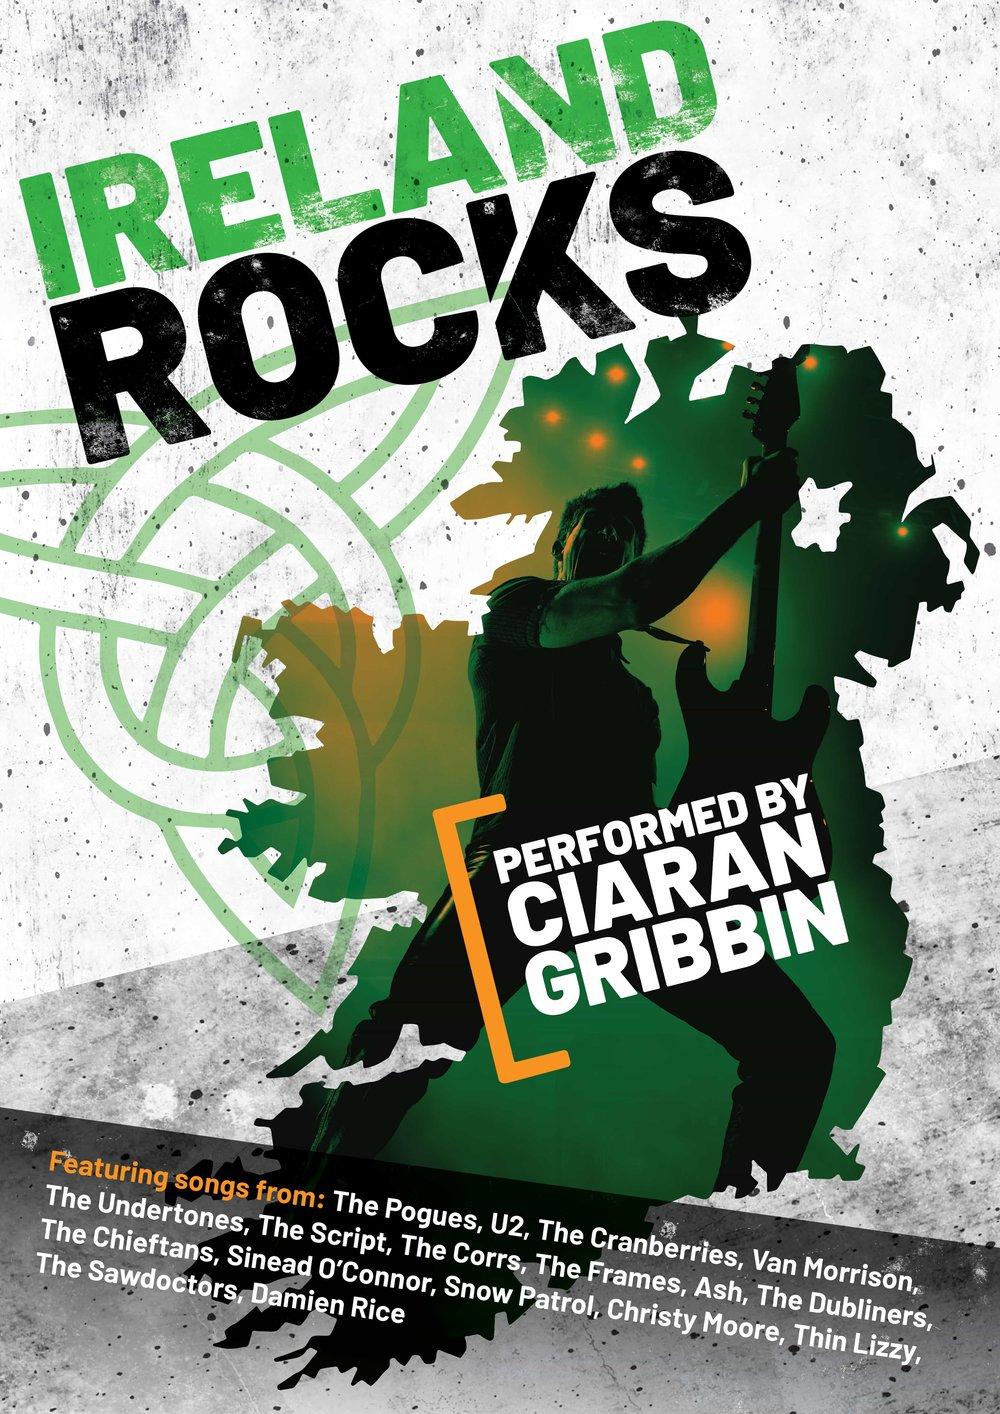 12917 Ireland Rocks poster GEN2 HR - Nicole White-min.jpg